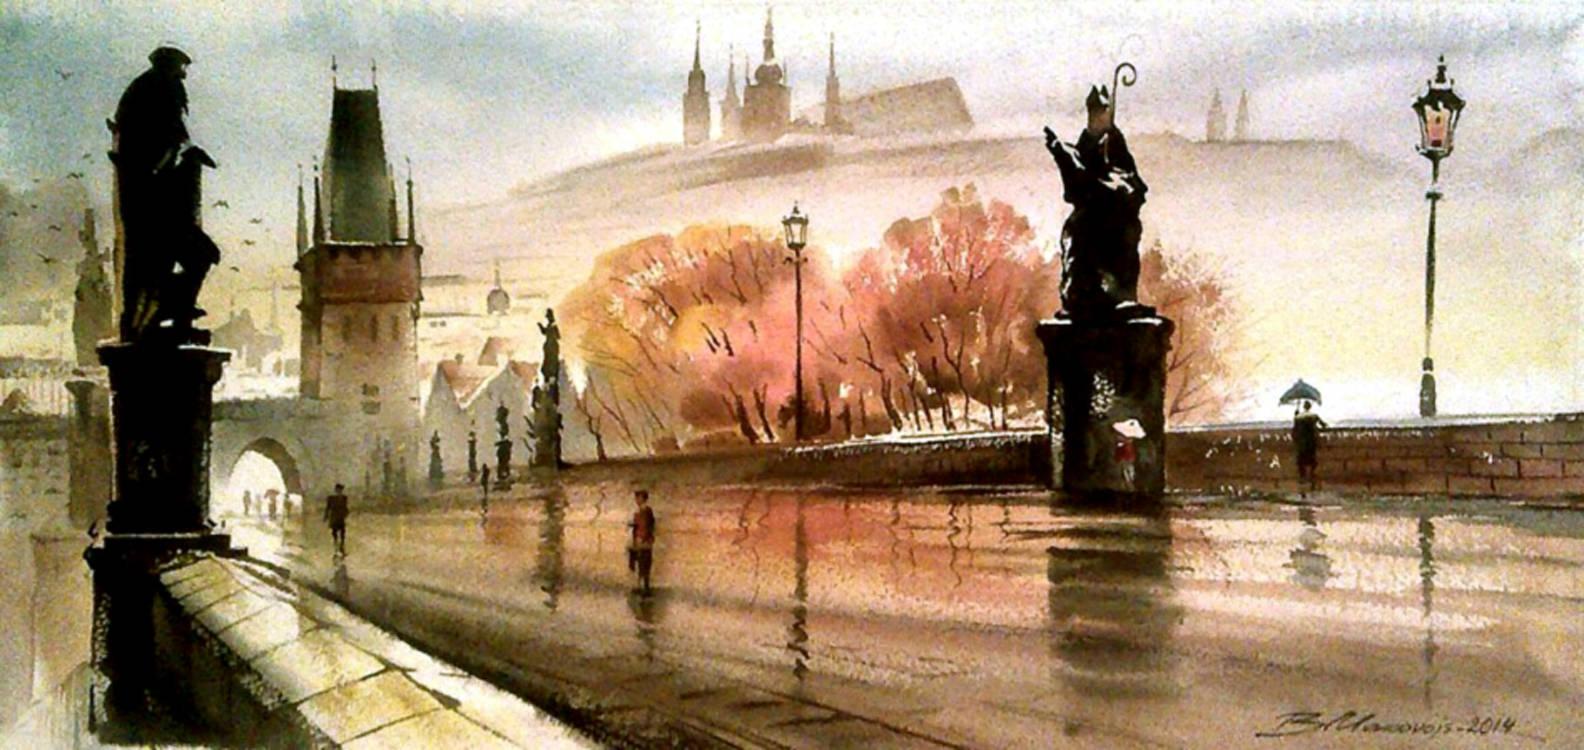 ,,Карлов мост в Праге,,акв.бумага Arches 300 гр.28*48 см.2014 г.